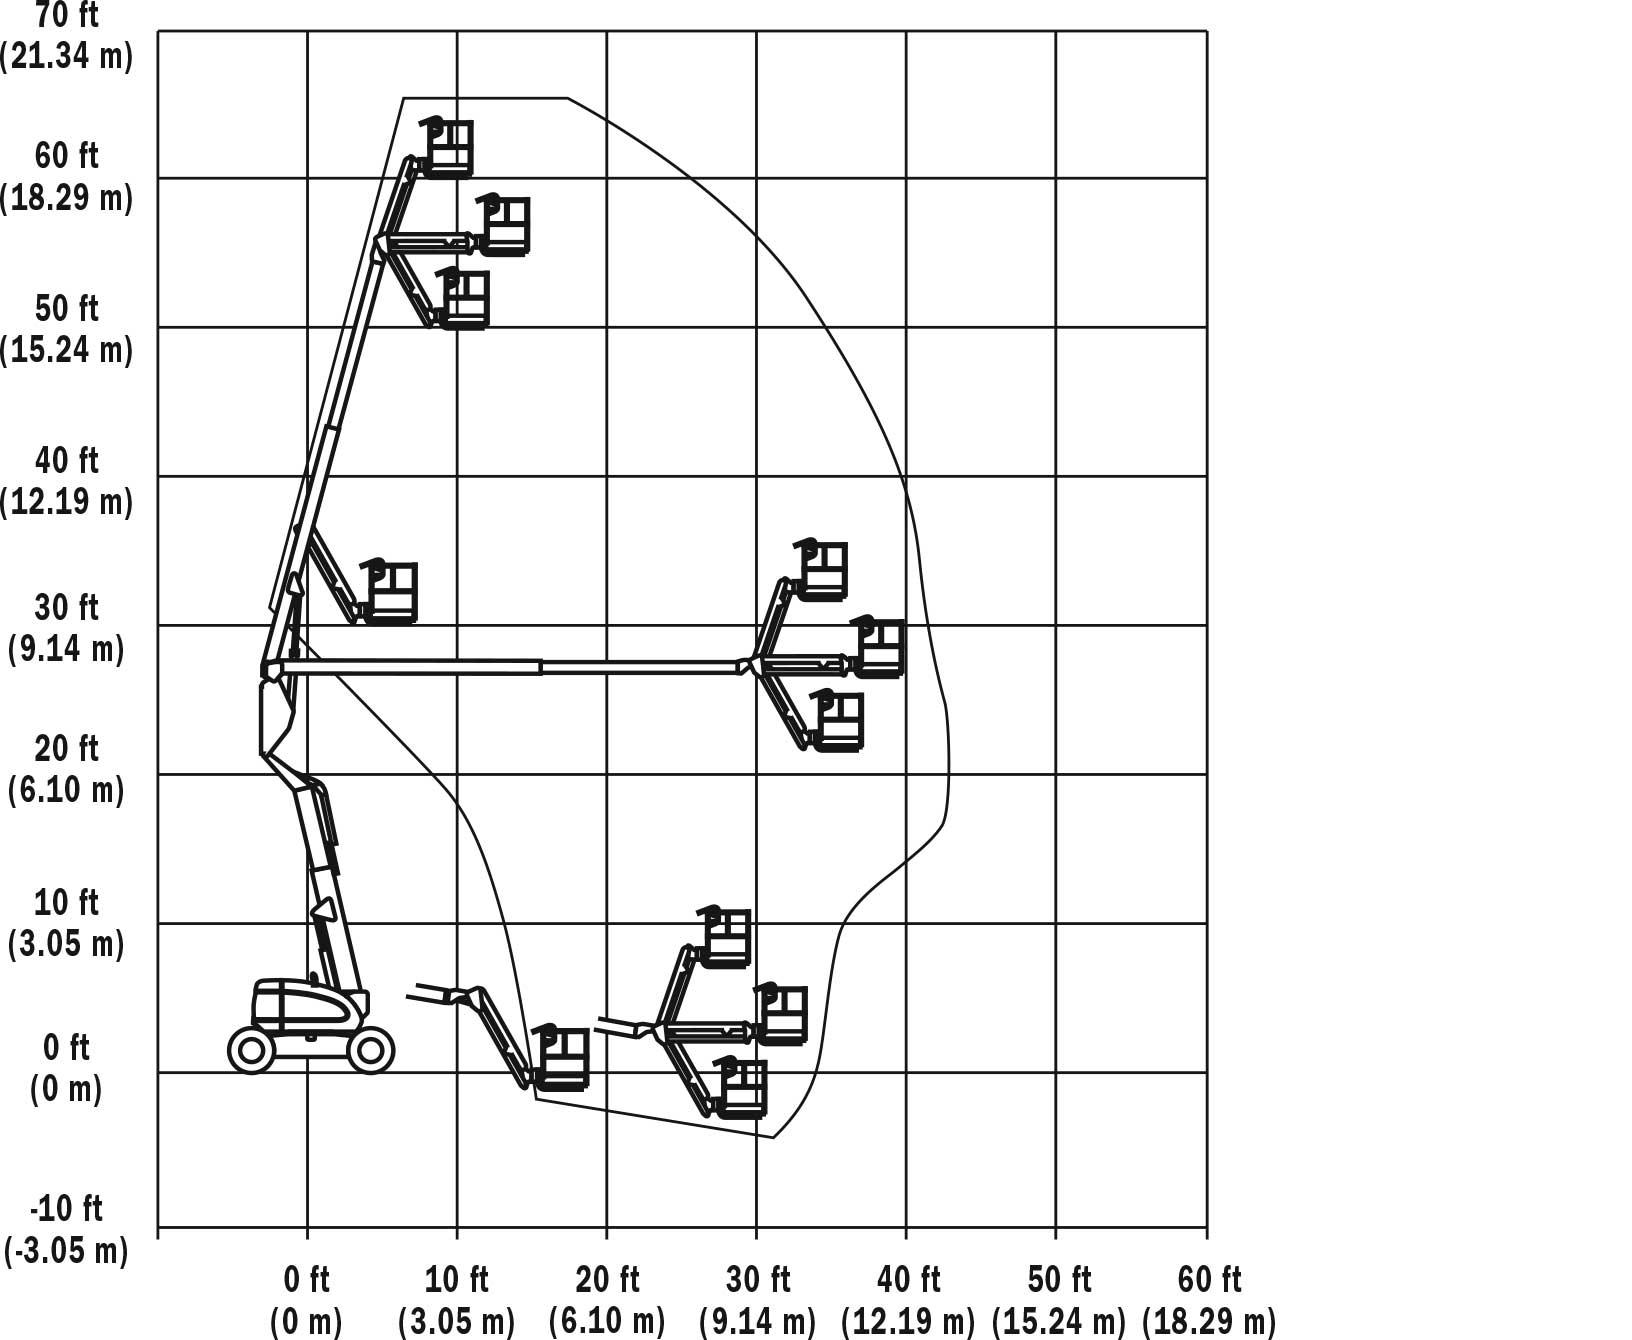 JLG 600AJN Articulating Boom Lift Reach Diagram